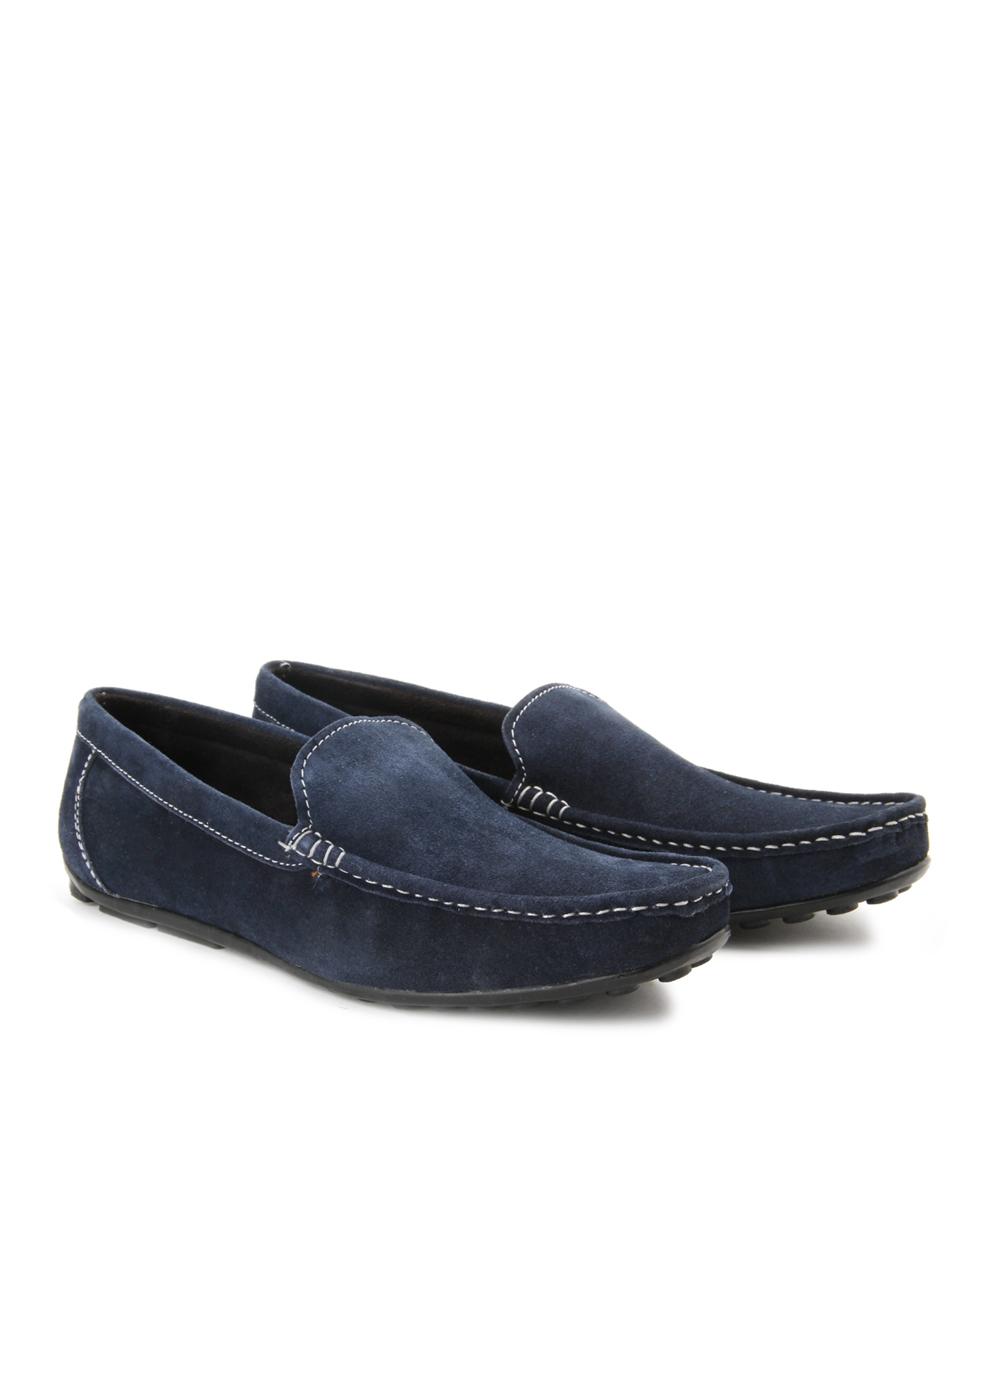 Andrew Scott Trendy Mens Blue Loafers